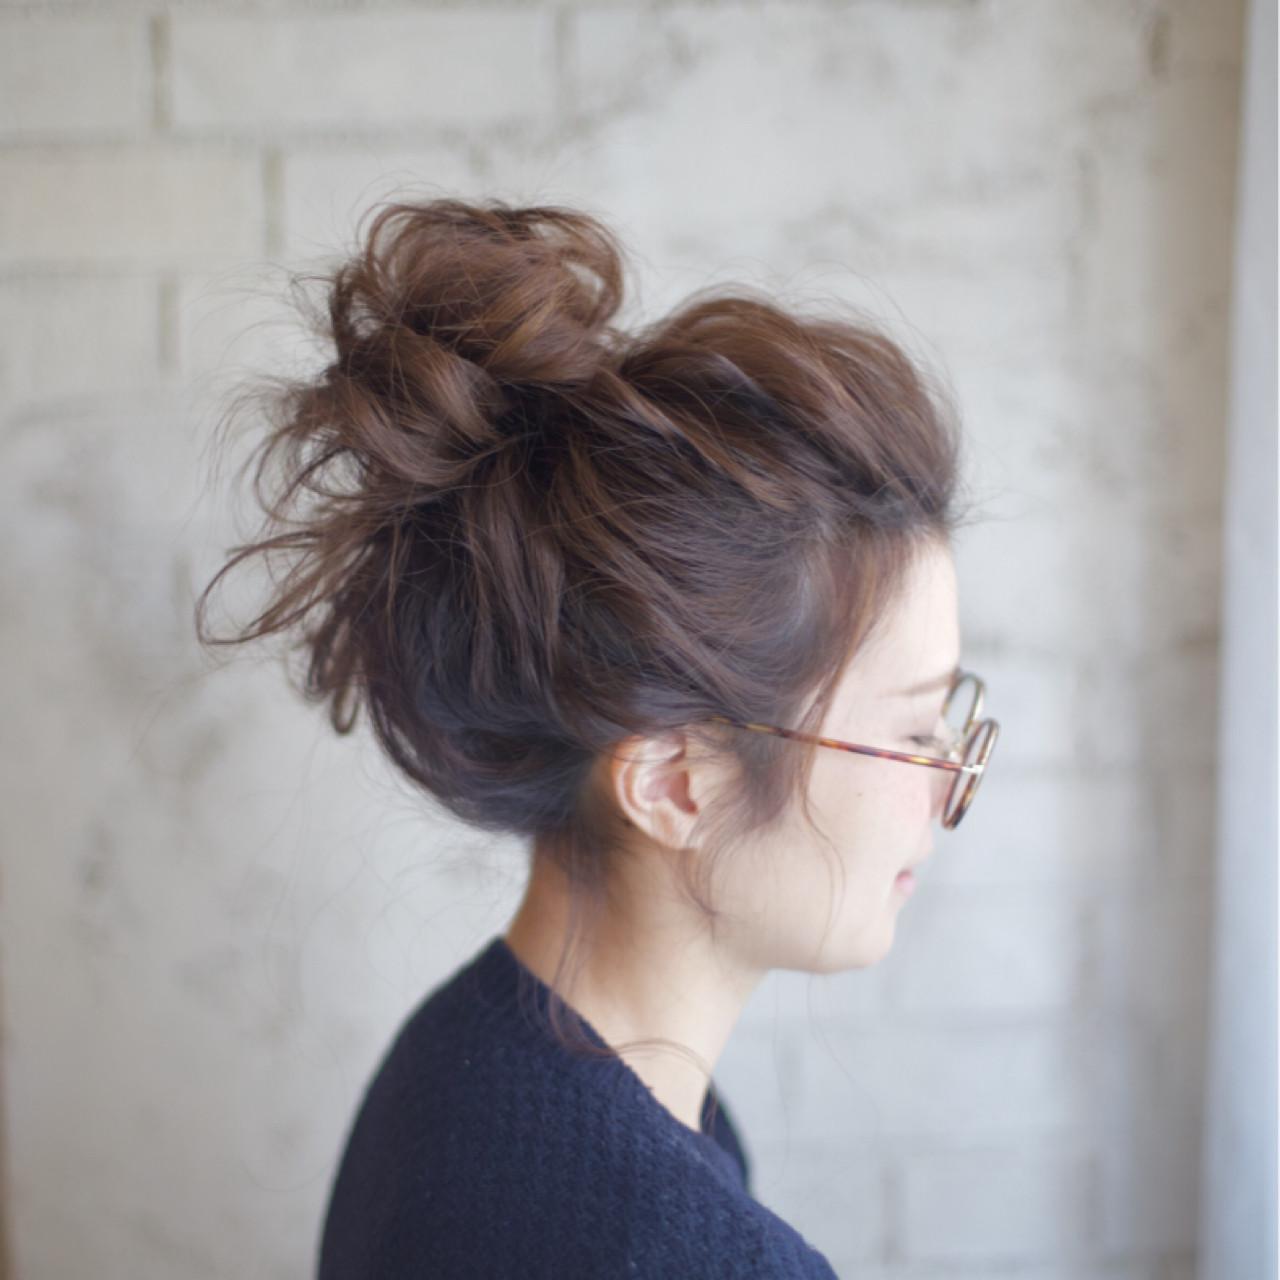 初心者でも簡単かわいい髪型! おだんごヘア攻略法